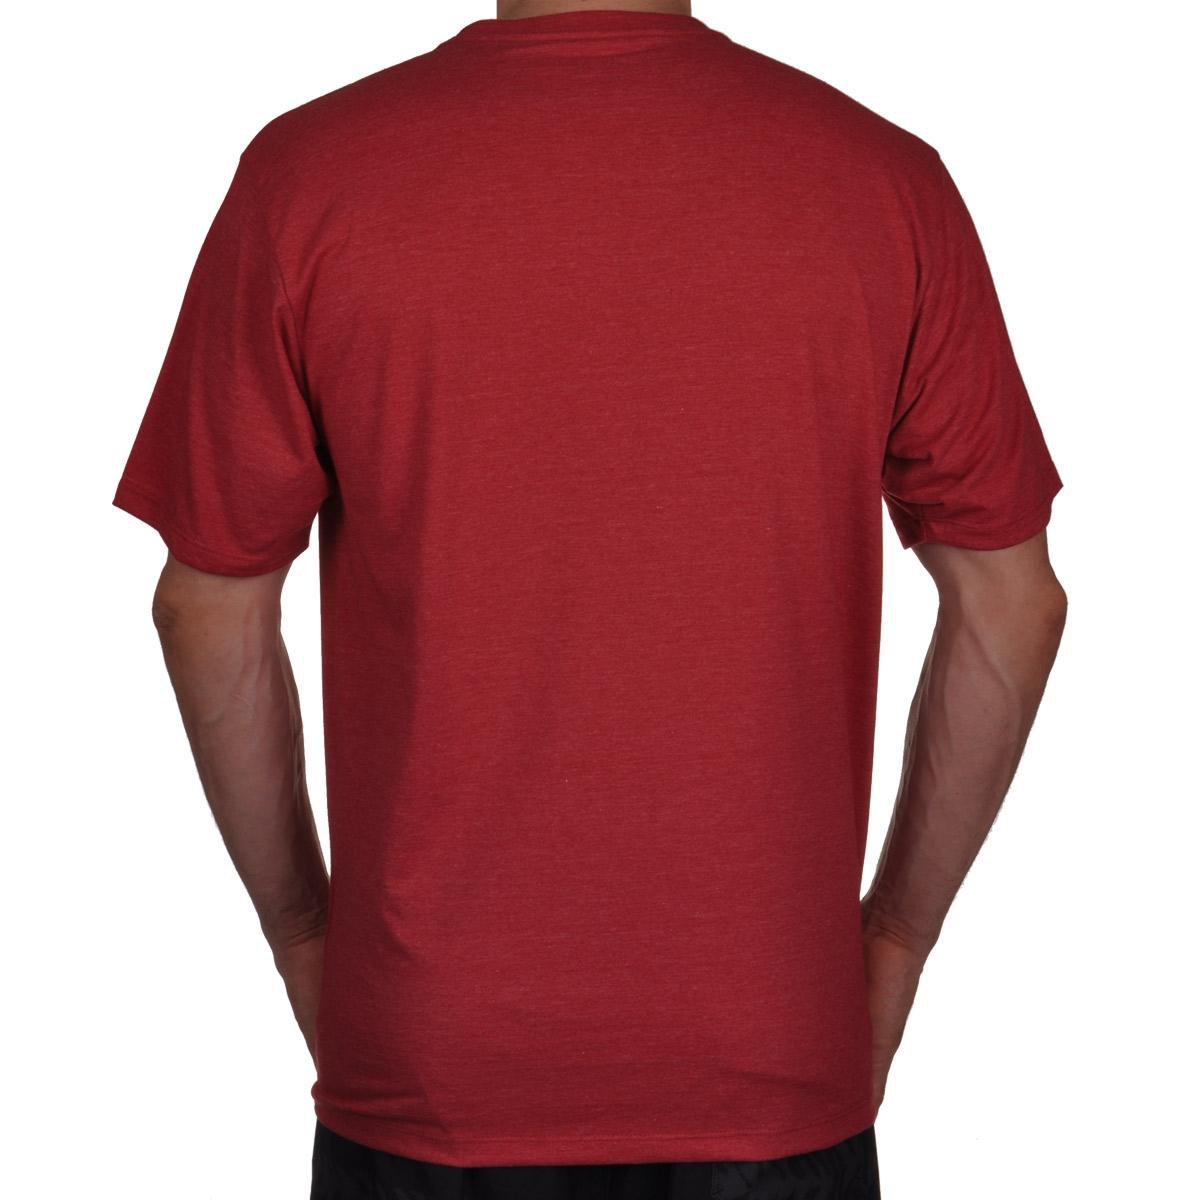 O amp;O Masculino Camiseta Masculino Silk amp;O Silk Vermelho O Silk Camiseta Camiseta Hurley Hurley O Vermelho Hurley wSSr6qIx